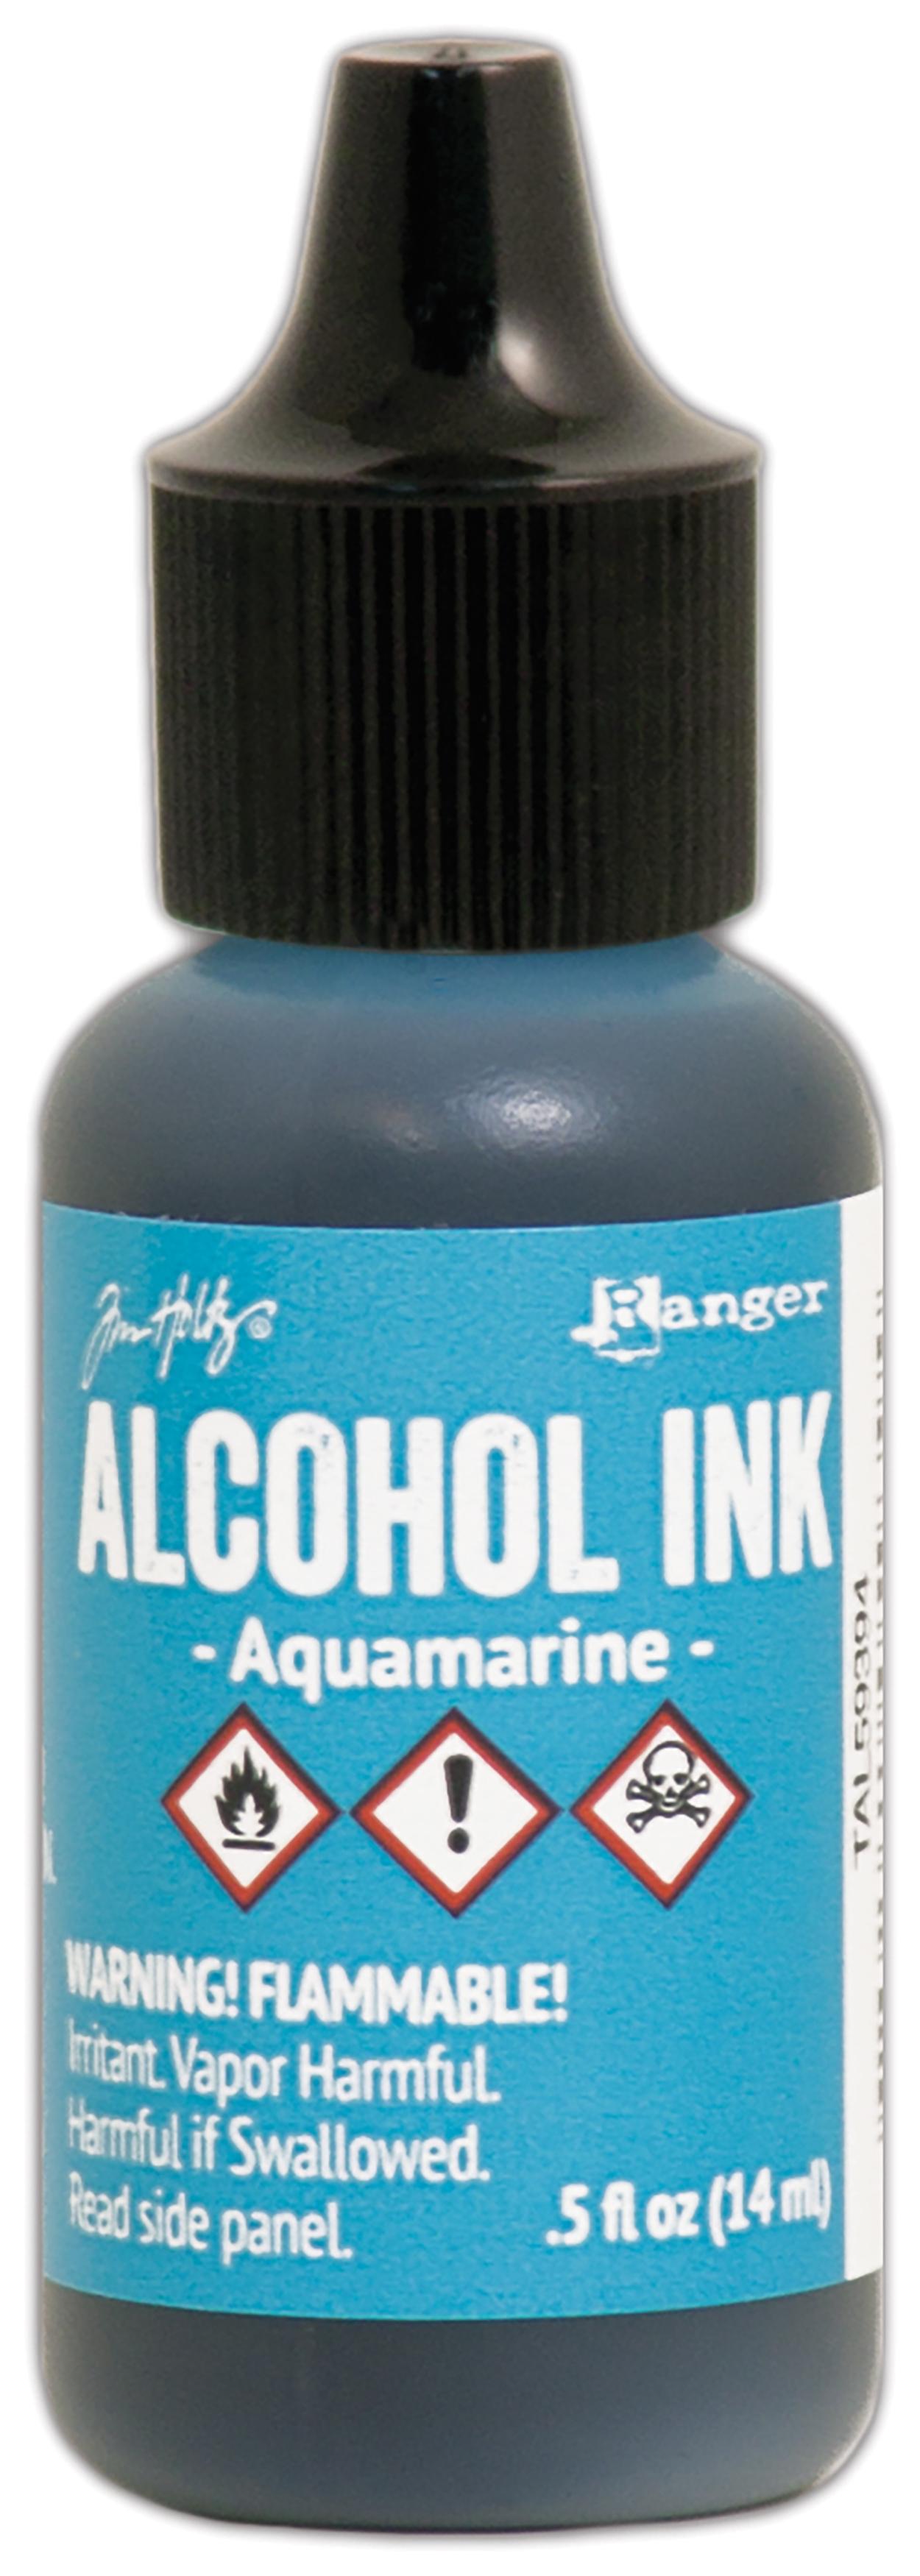 Aquamarine Alcohol Inks